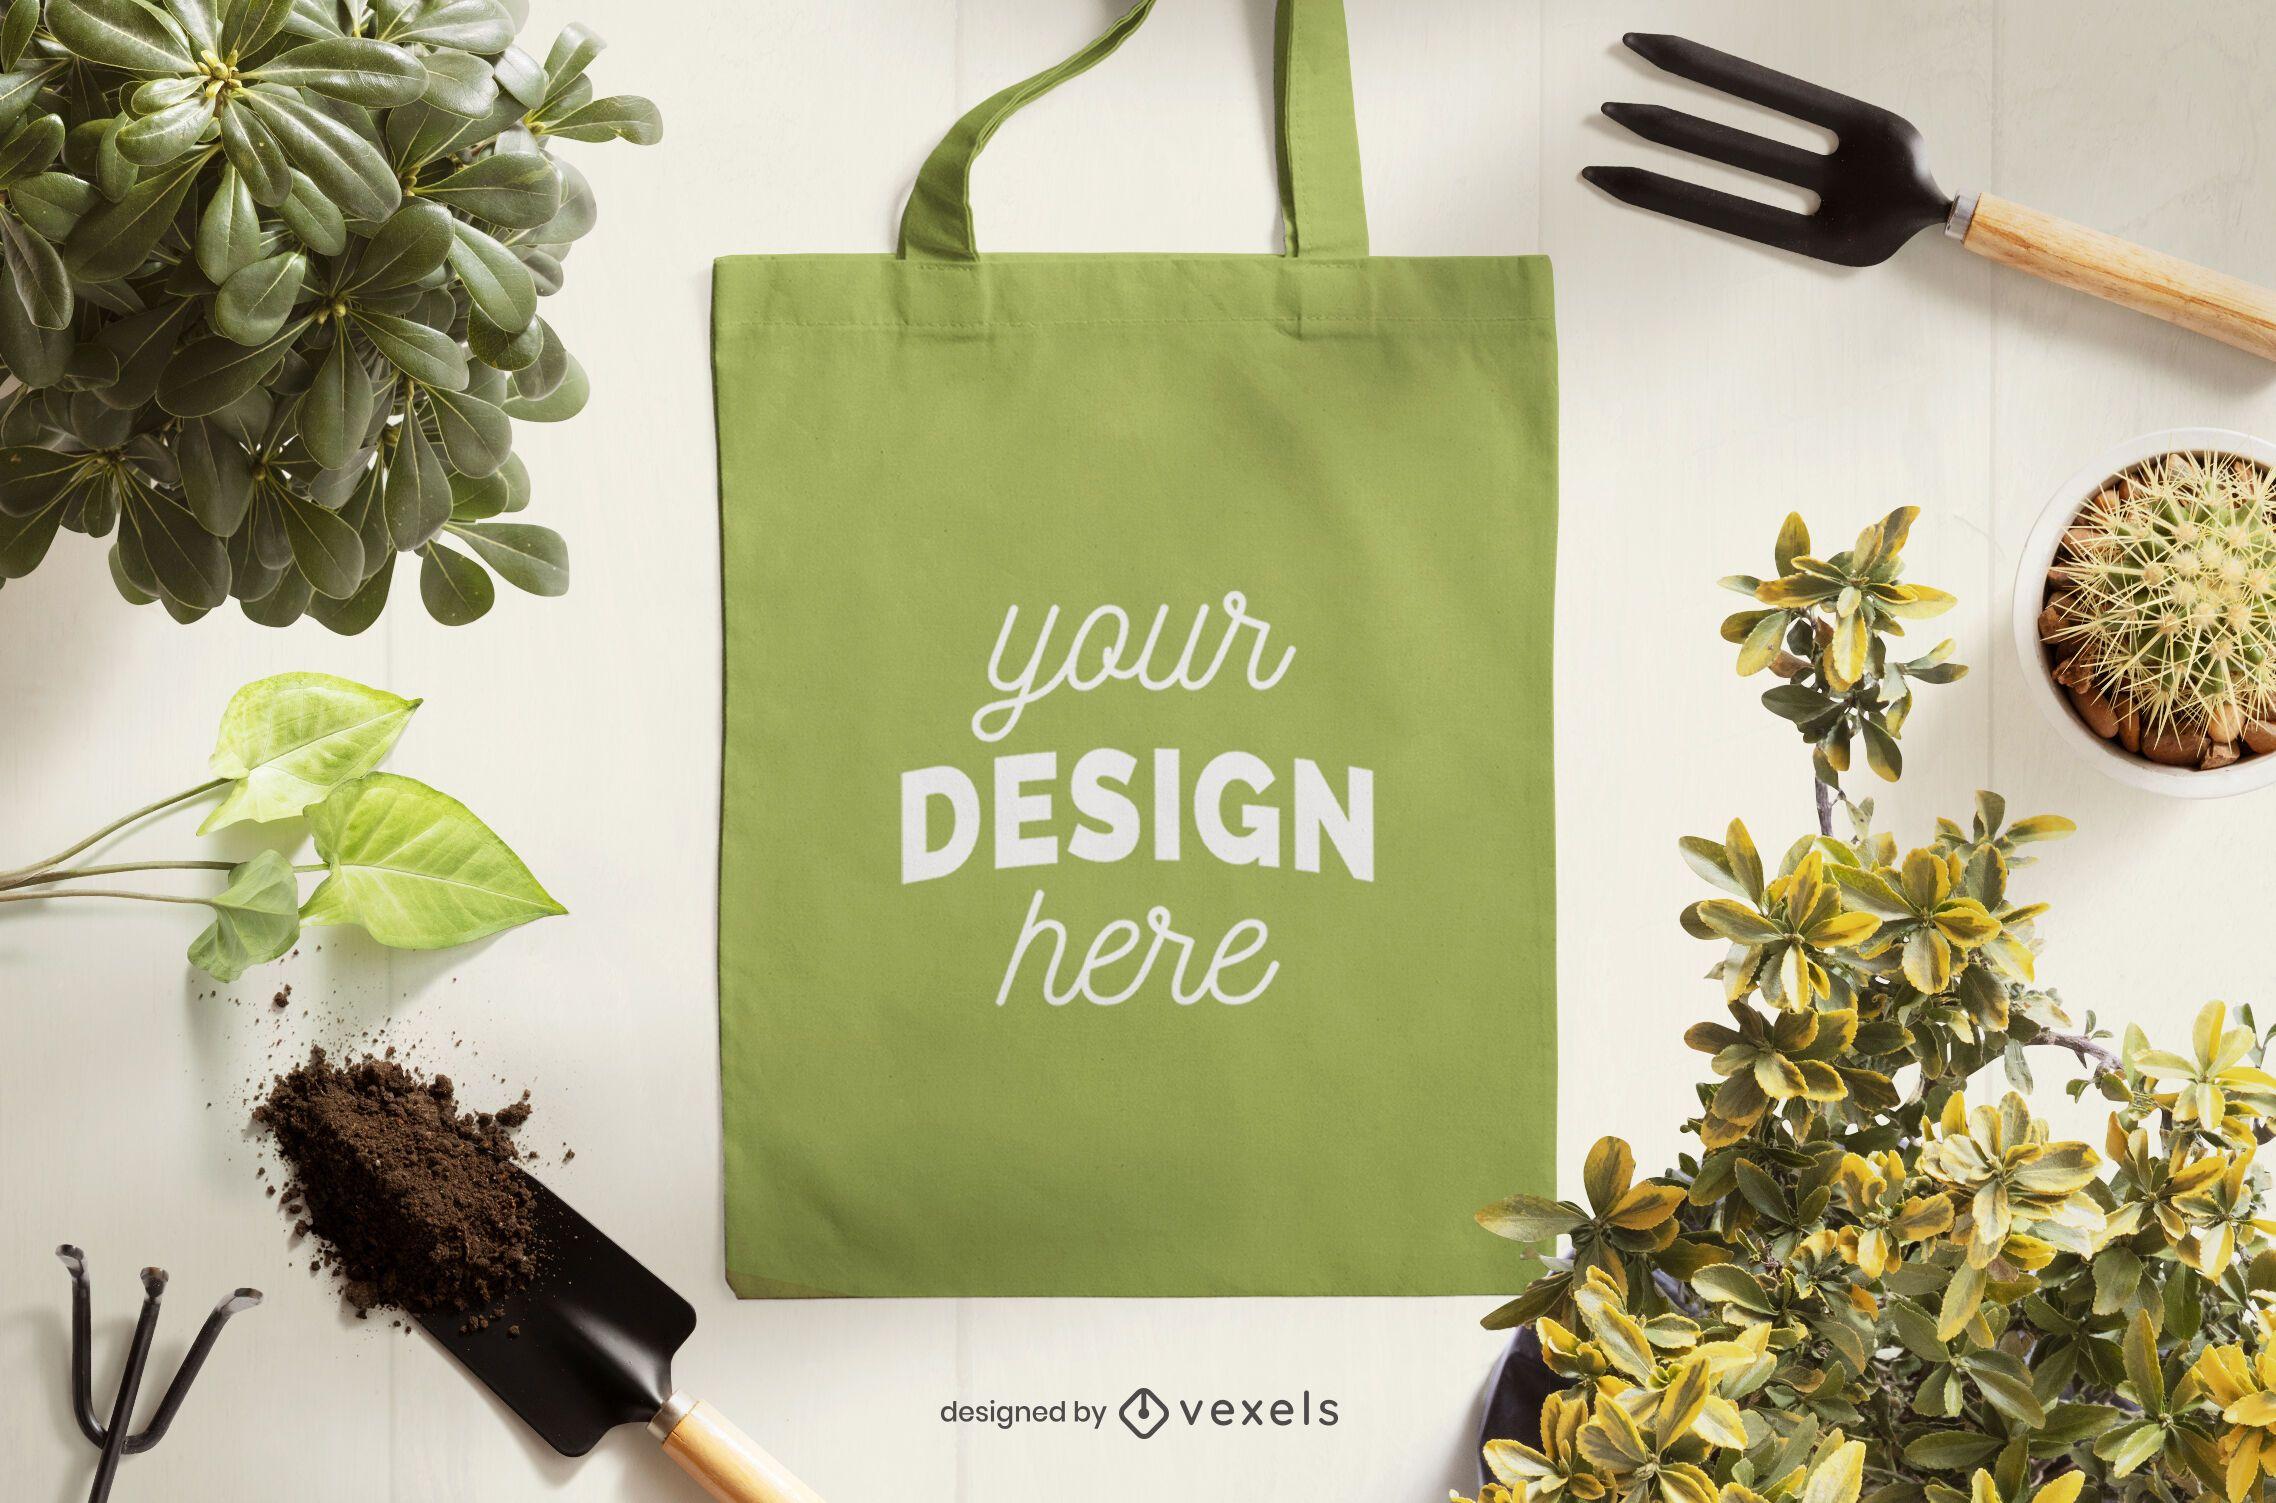 Composici?n de maqueta de bolso de mano de jardiner?a